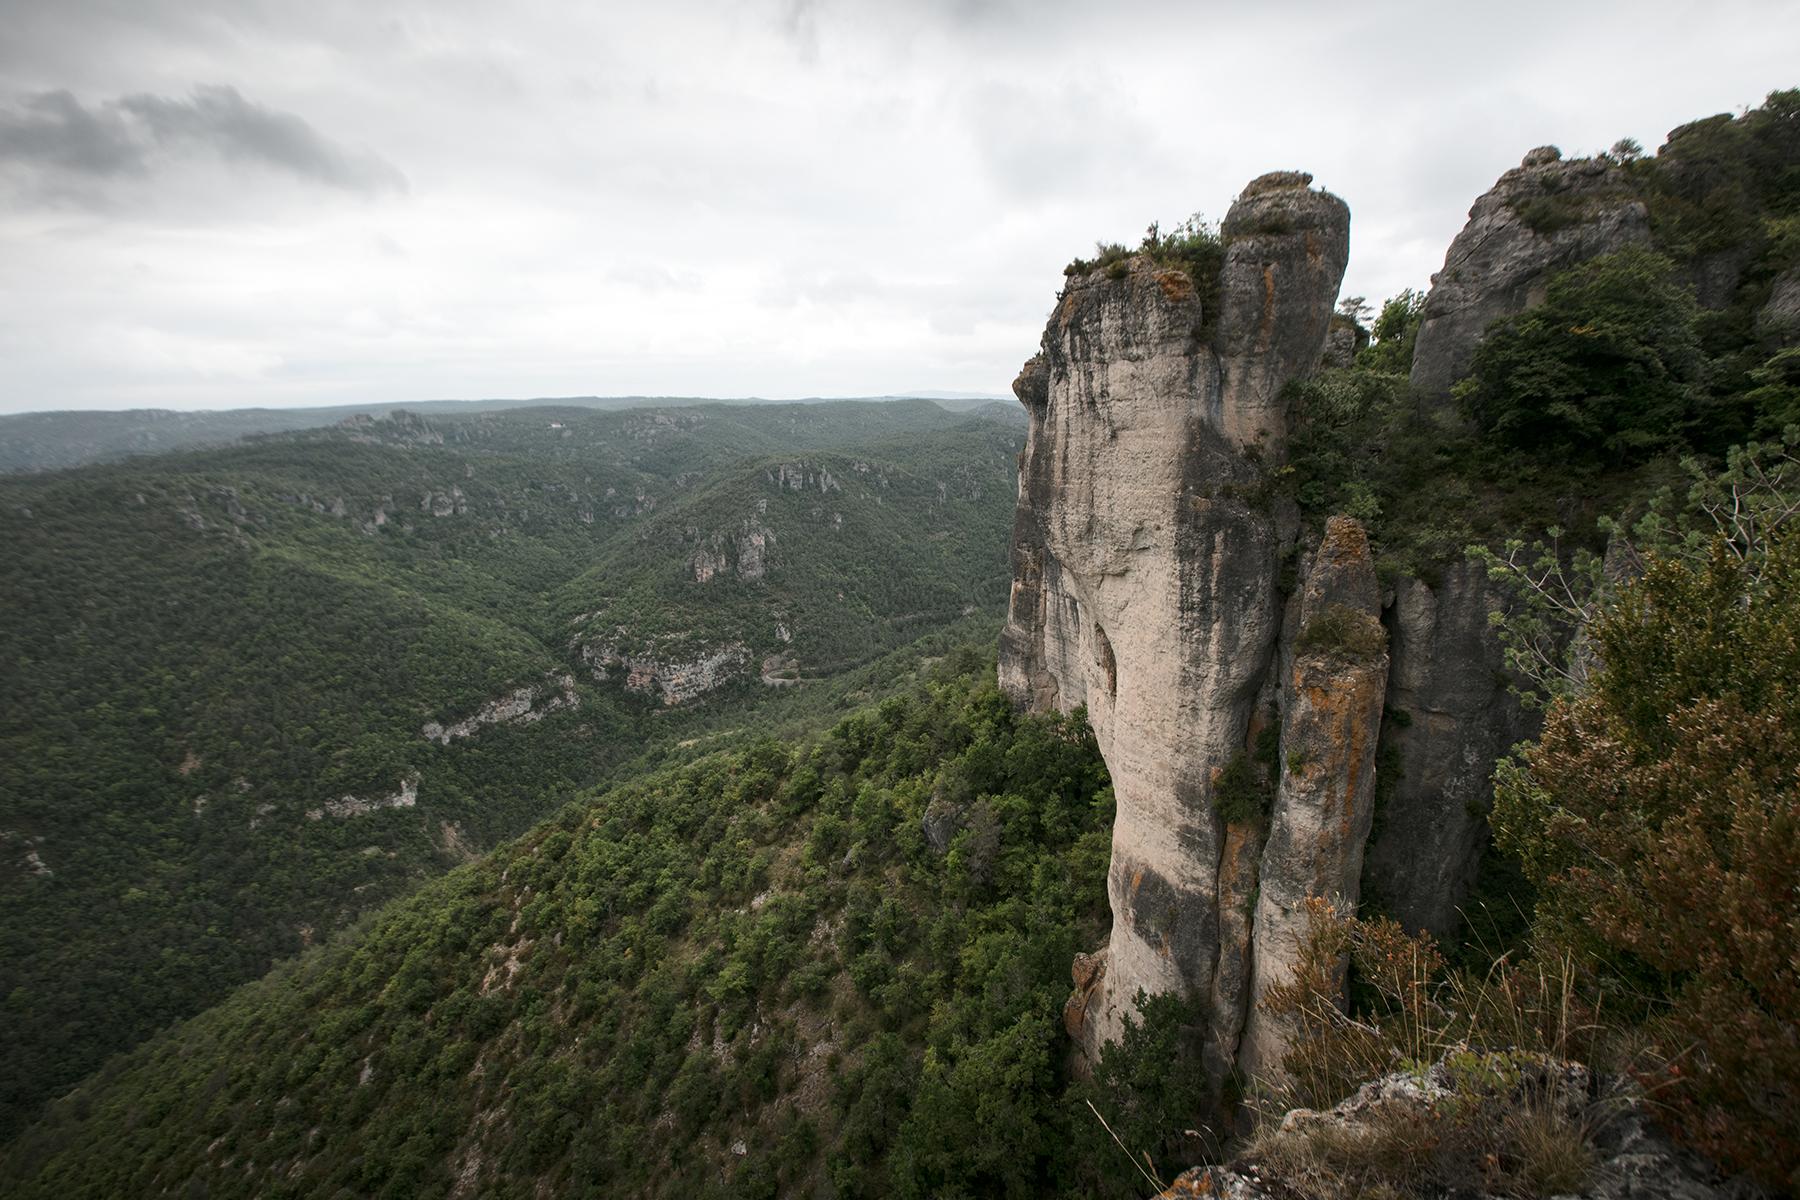 POint de vue en Aveyron, la Corniche du Rajol